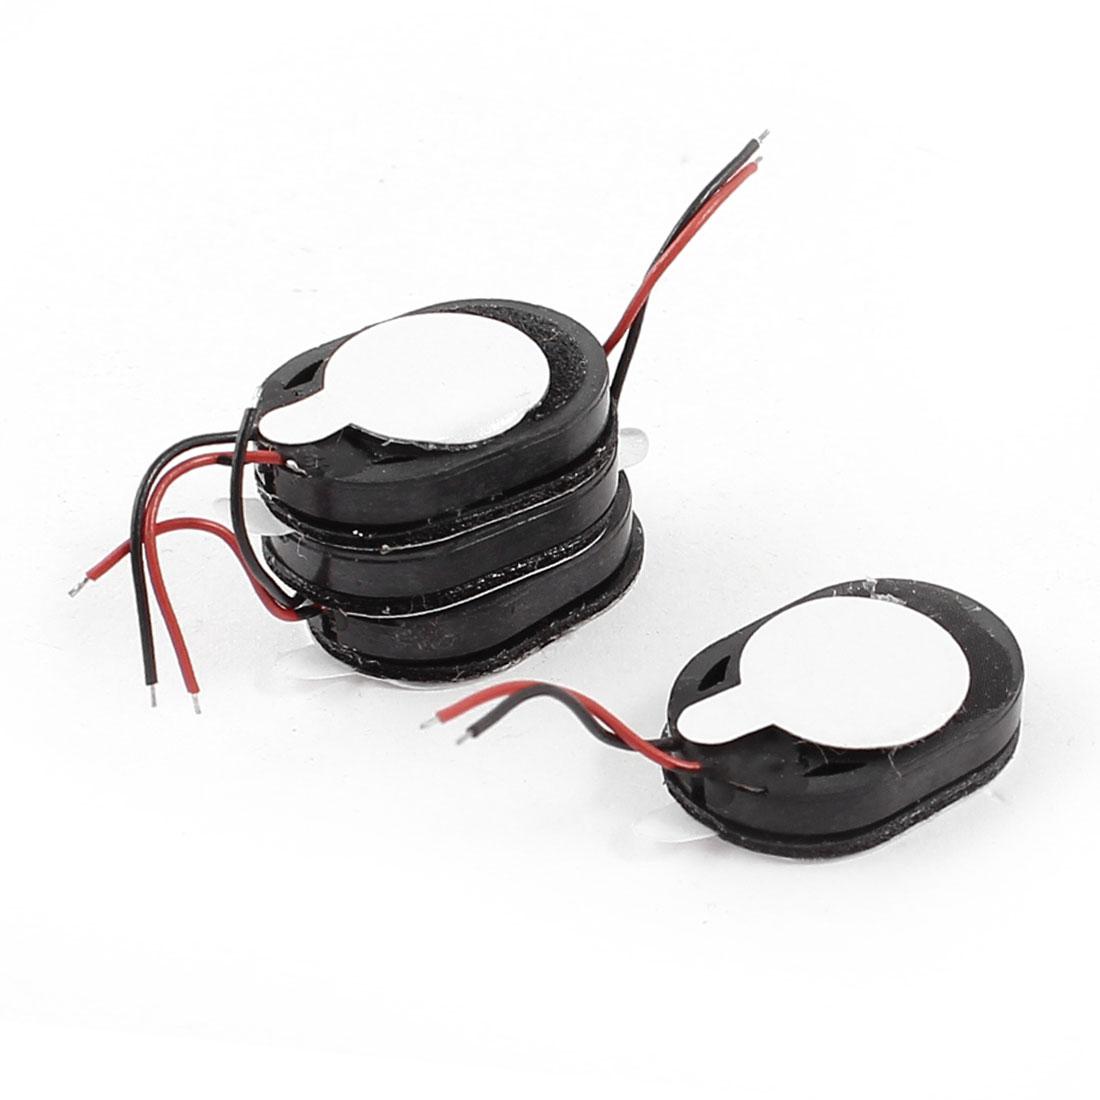 4Pcs 1Watt 8 Ohm 2-Wired Oval GPS Tablet Amplifier Speaker Loudspeaker 15mmx12mm